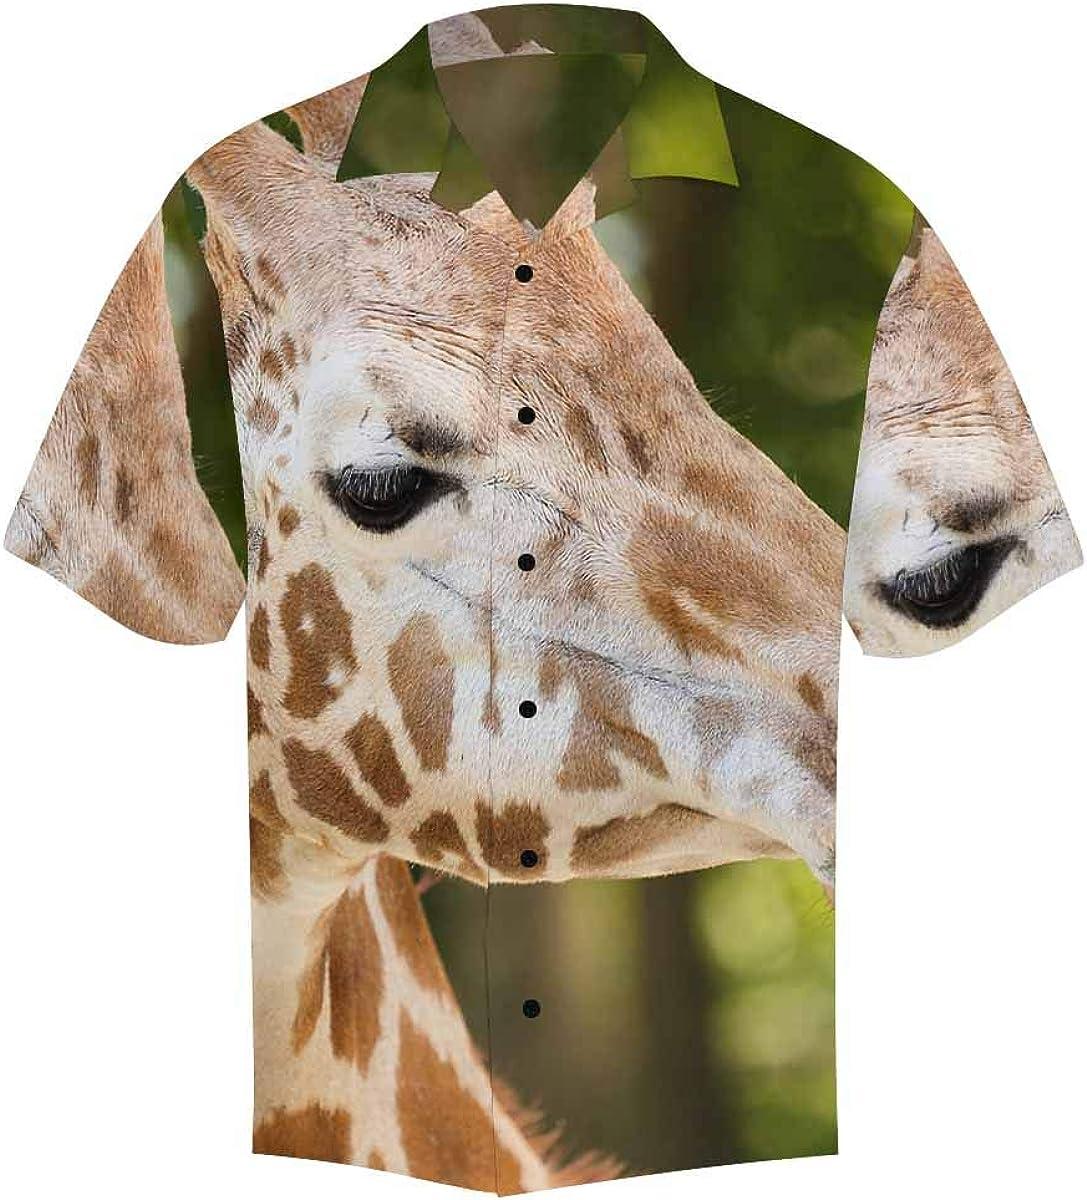 InterestPrint Men's Casual Button Down Short Sleeve Hawaiian Shirt Giraffe Skin Print (S-5XL)